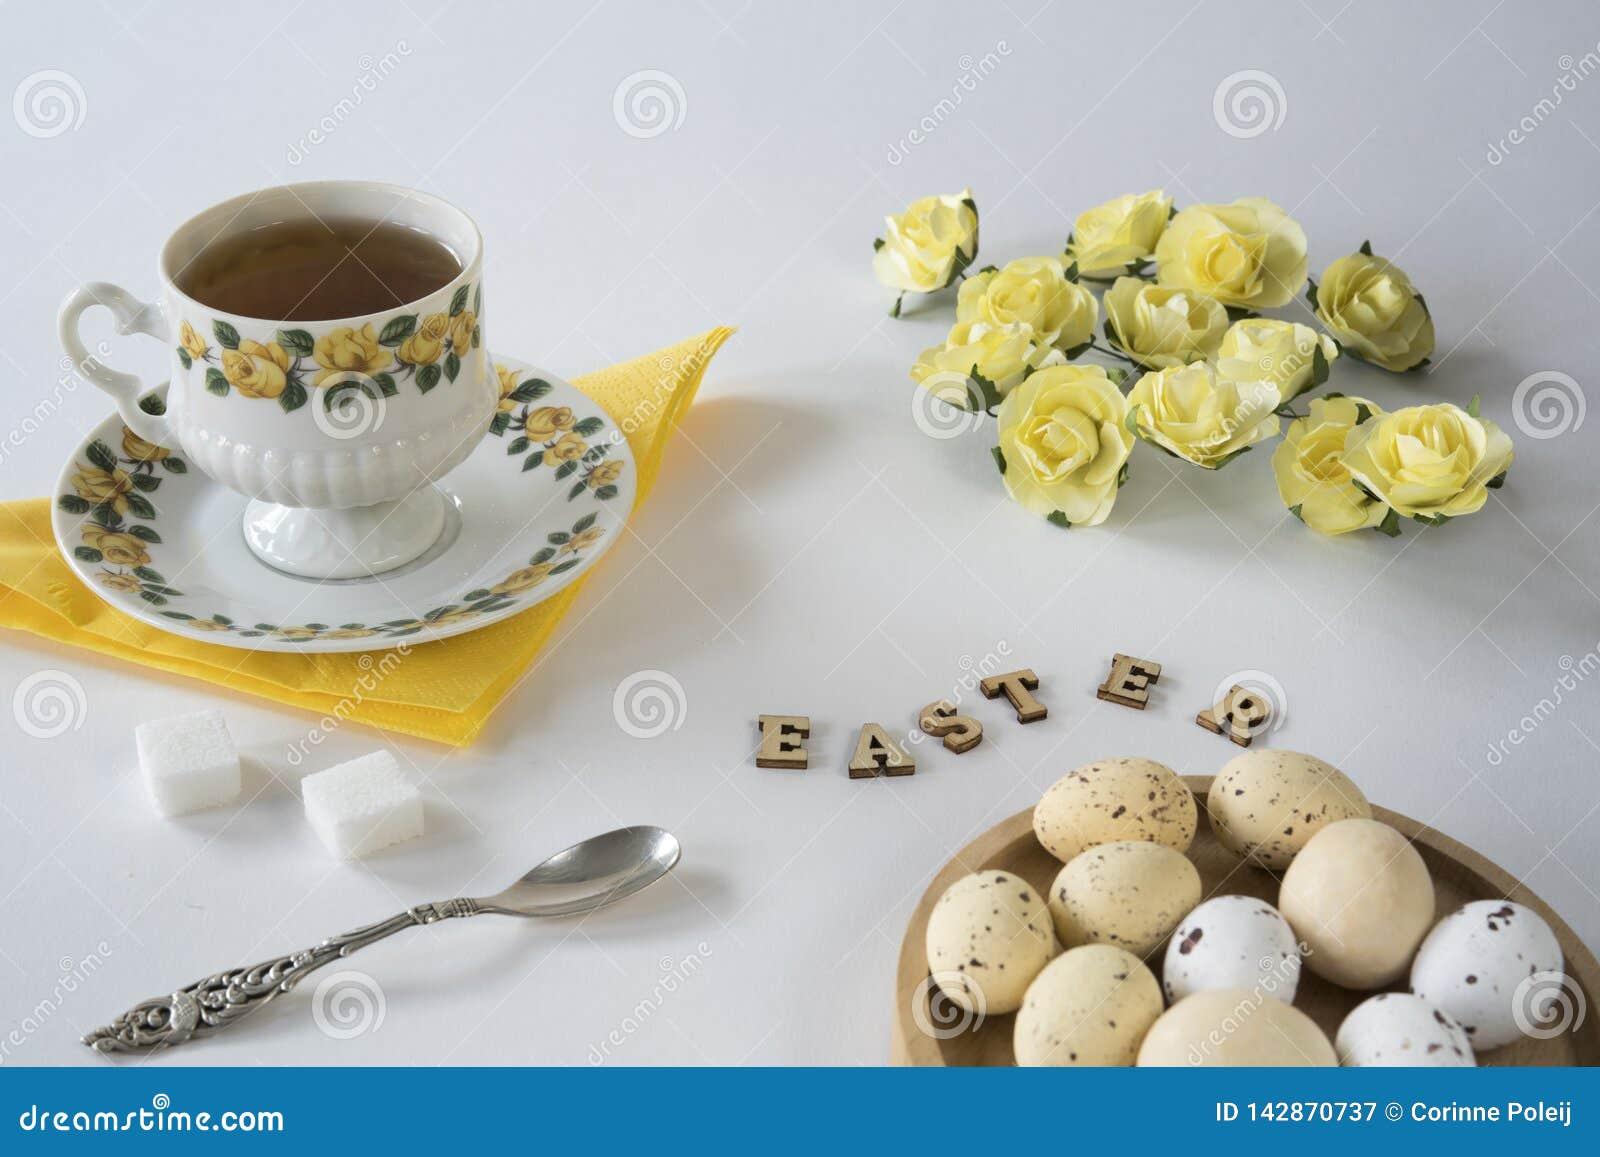 Romantische gelbe Ostern-Szene mit Tee, Ostereiern, Löffel und Rosen